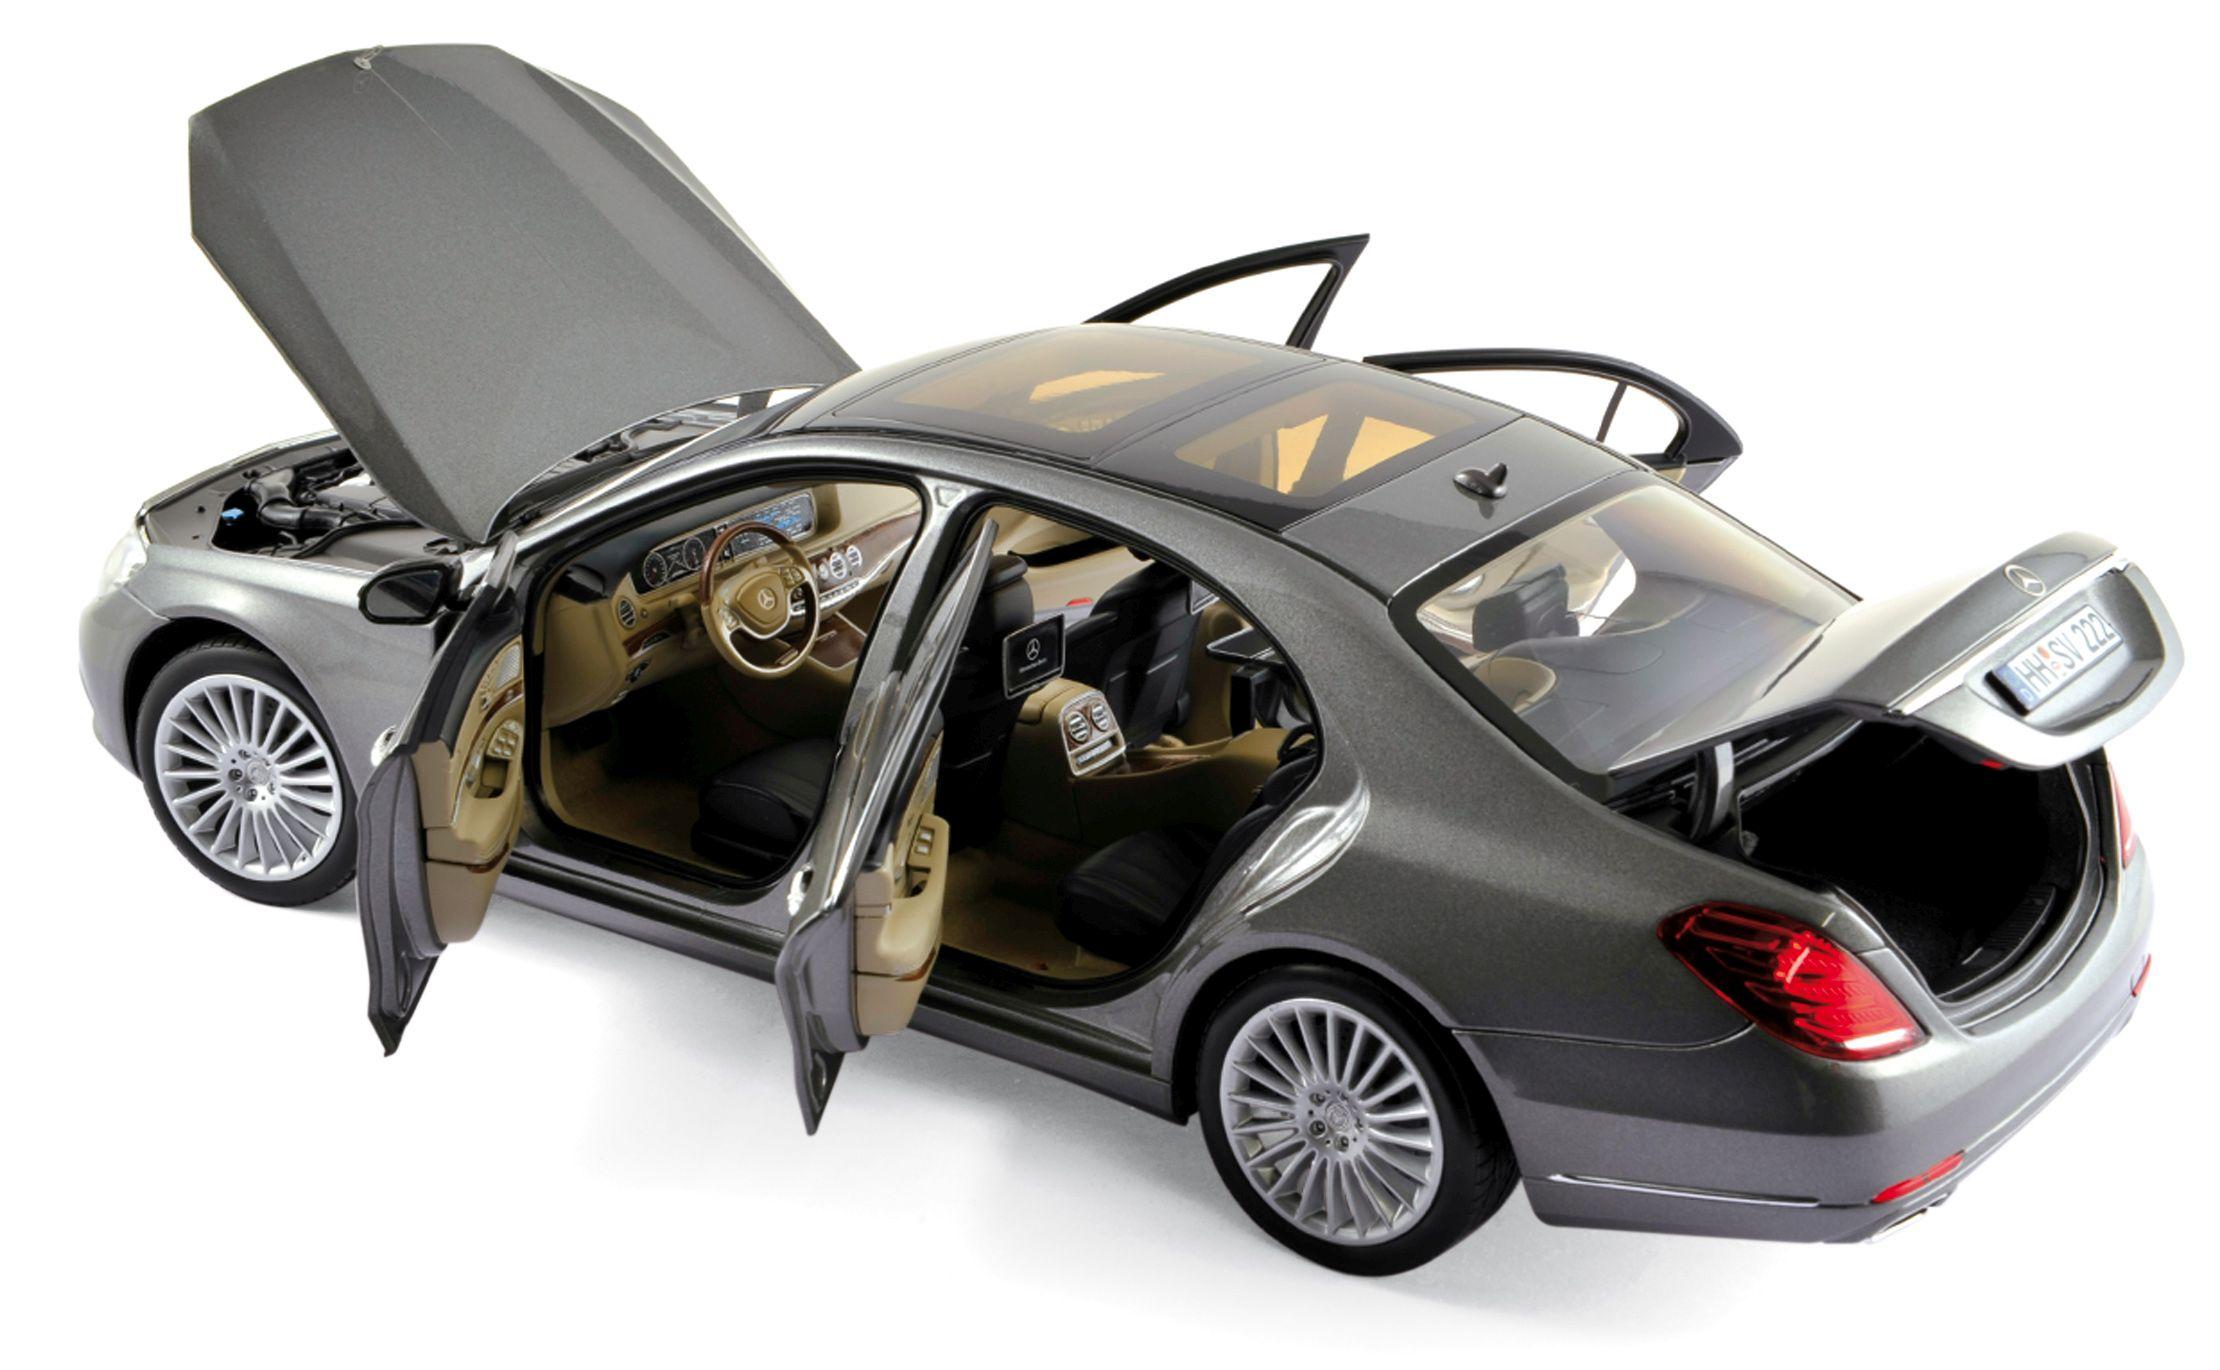 183481 Mercedes-Benz S-Klasse 2013 - Palladium Silver